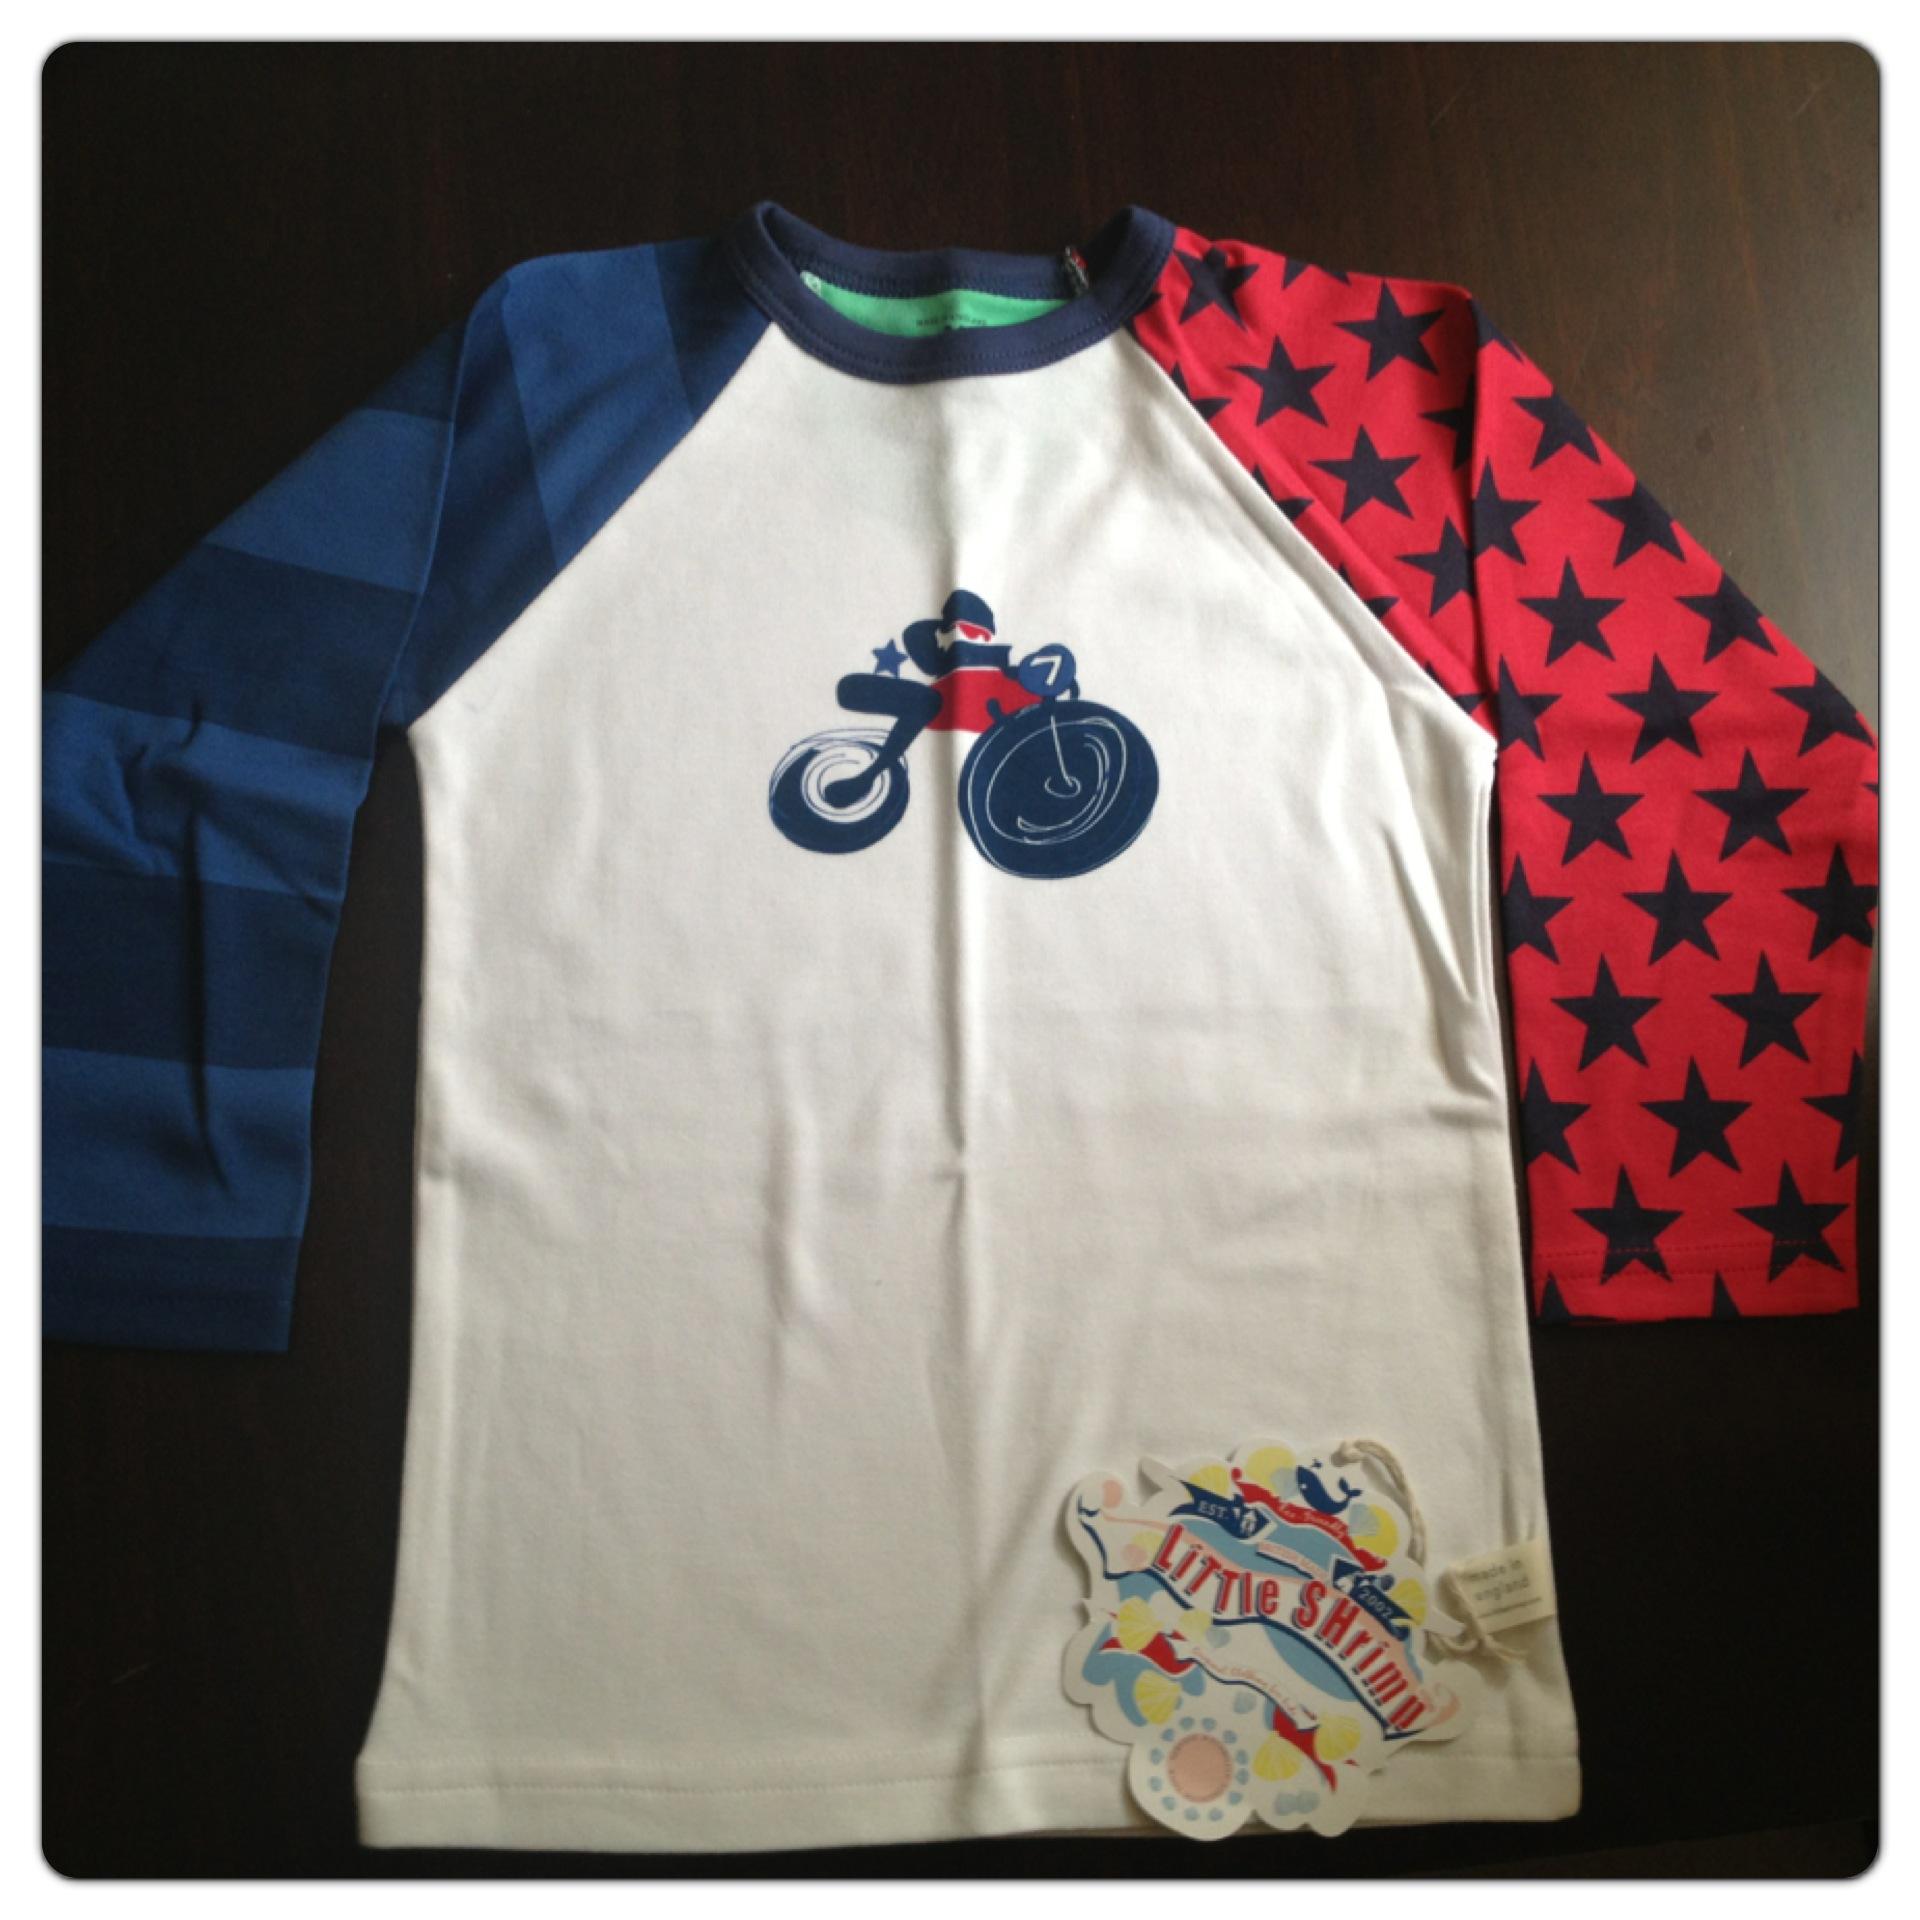 DaisychainBaby Clothes